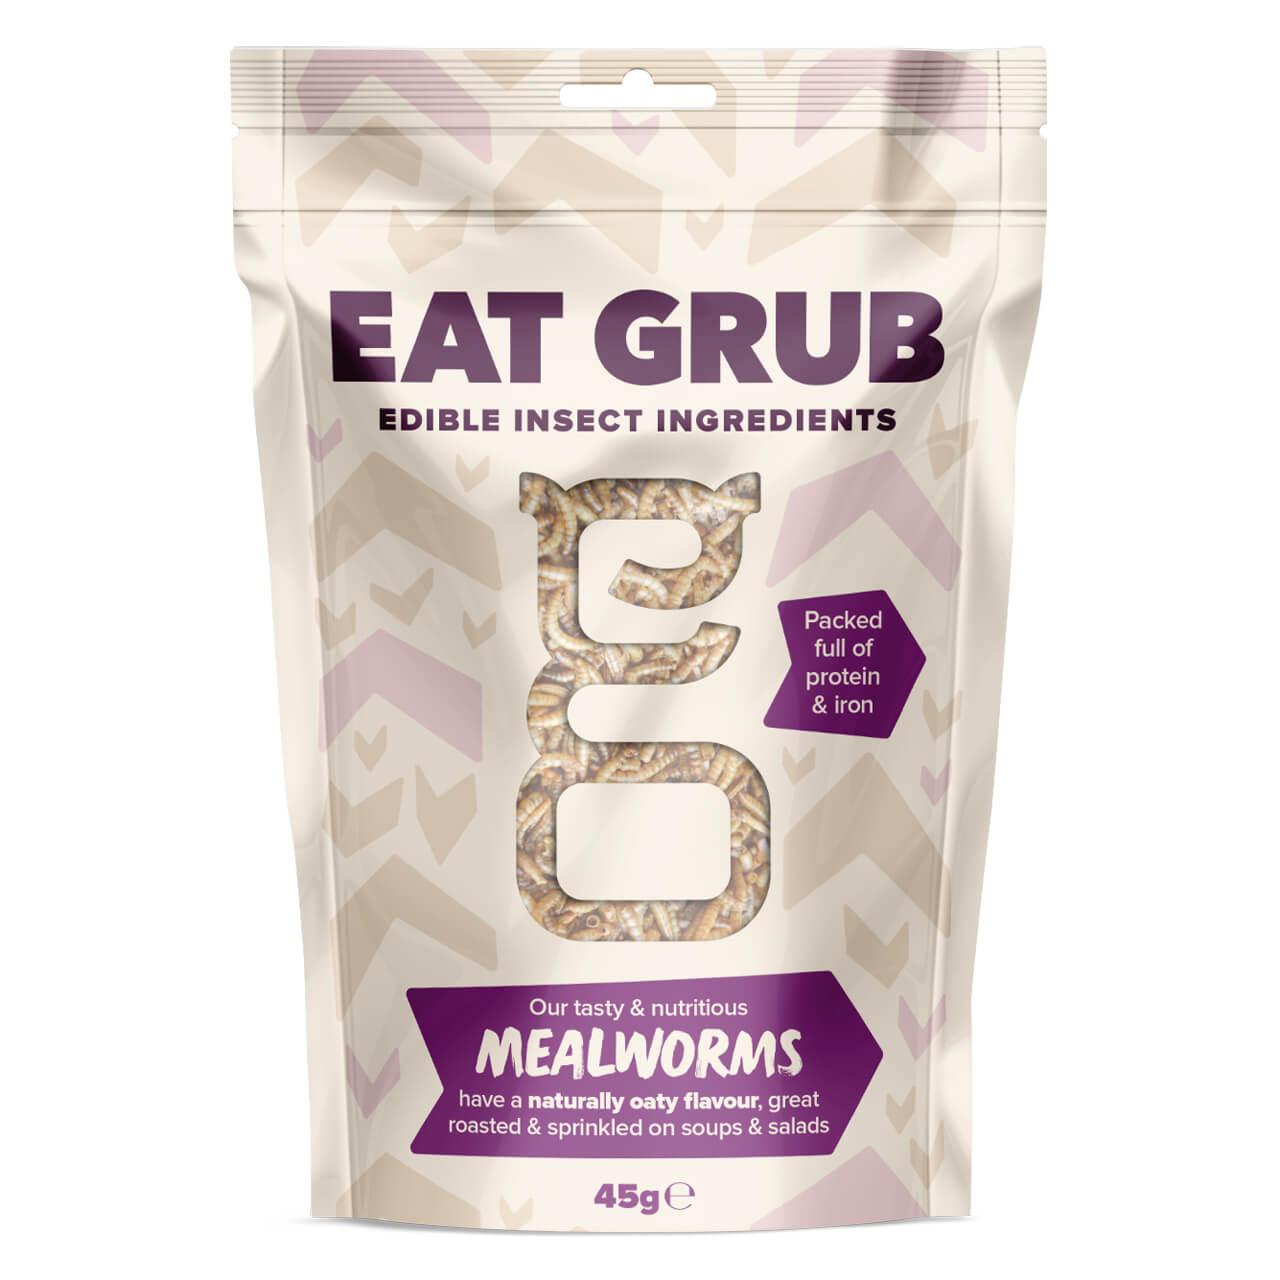 【賞味期限:2020.12.31まで!賞味期限間近の為50%OFF】Eat Grub クッキングシリーズBIG ミールワーム 45g